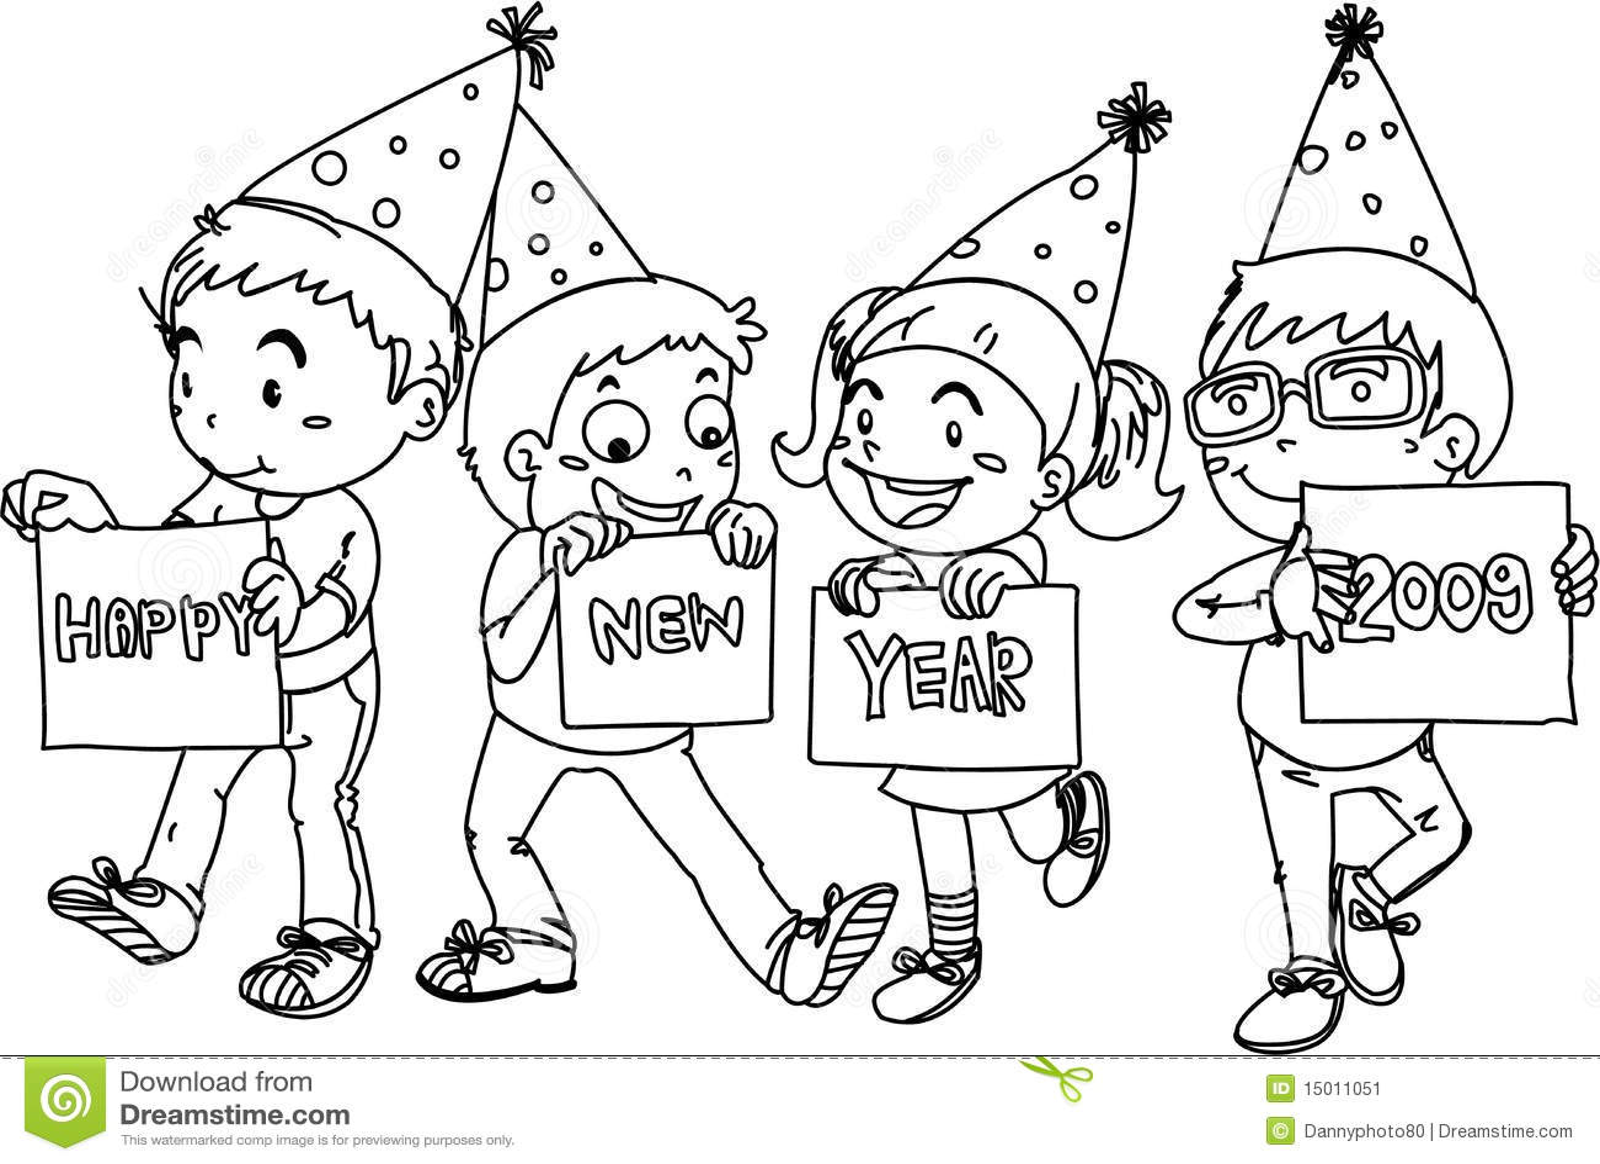 Jonge Geitjes Die Gelukkig Nieuwjaar Wensen Vector